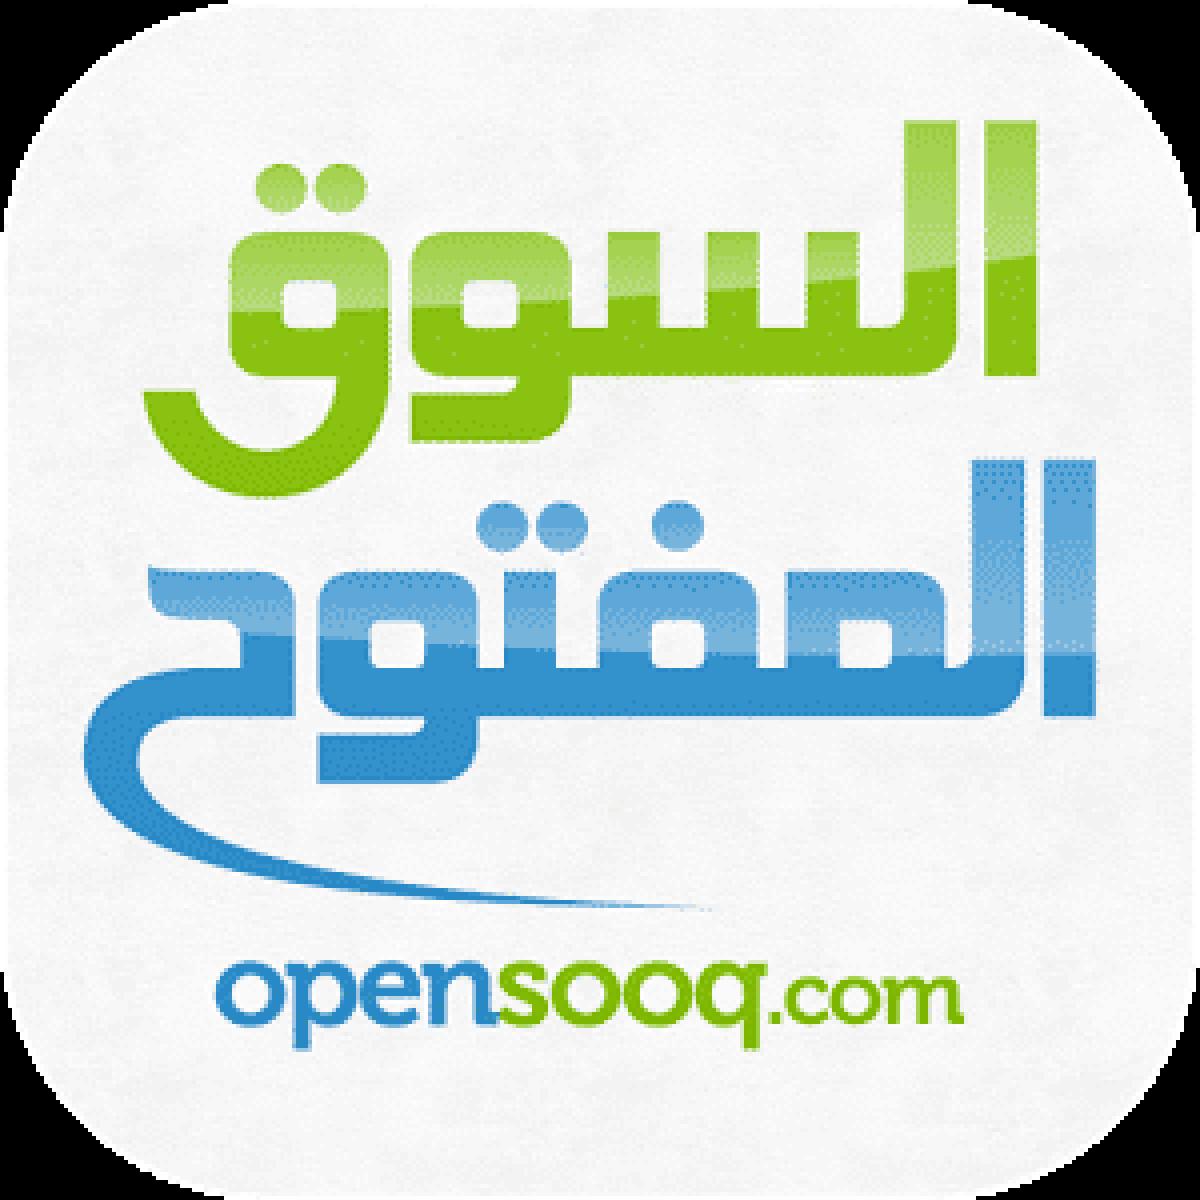 تحميل تطبيق السوق المفتوح Opensooq برنامج البيع و الشراء عبر النت كيف تقني